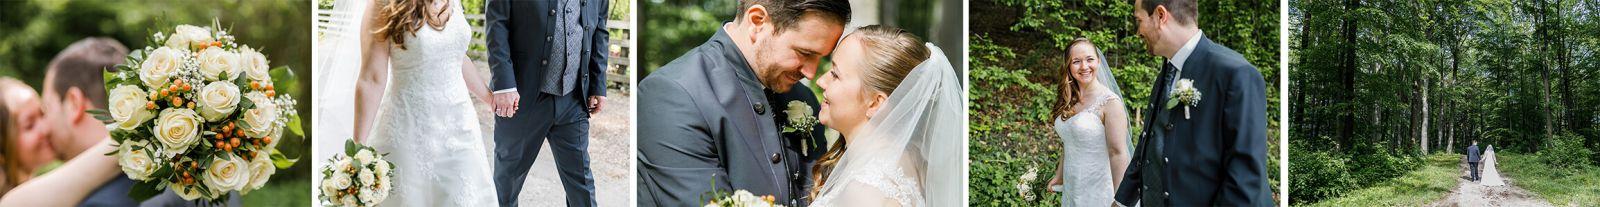 Hochzeitsfotografie Michaela Brandl